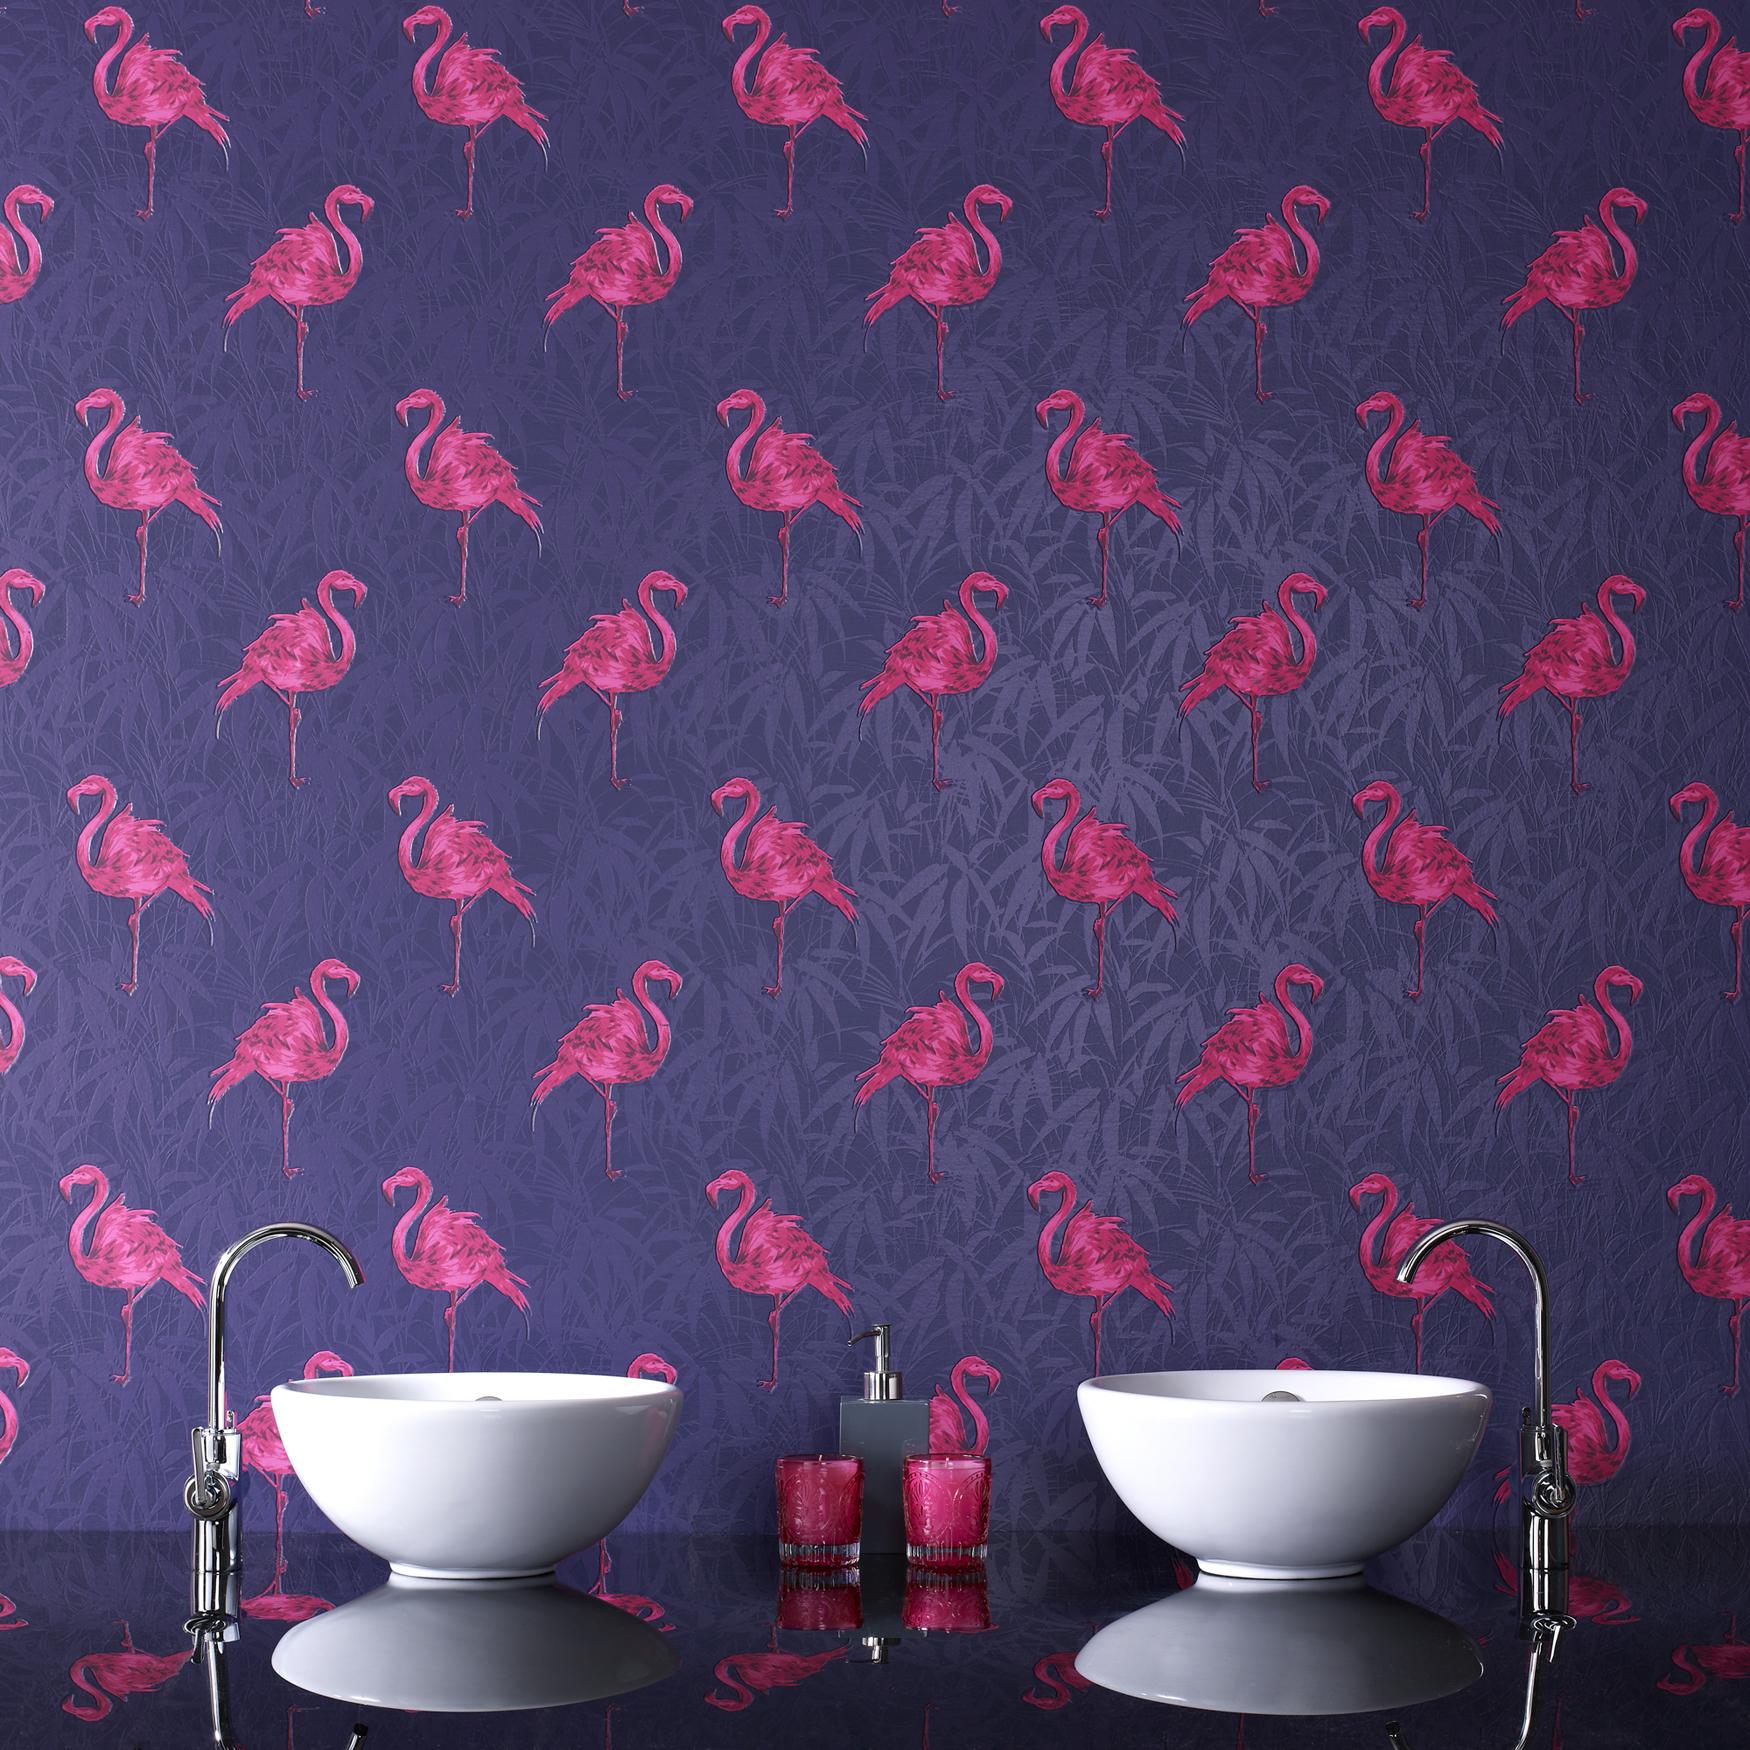 Flamingo Wallpaper The Treasure Hunter Well Designed Quirky And Fun Inte